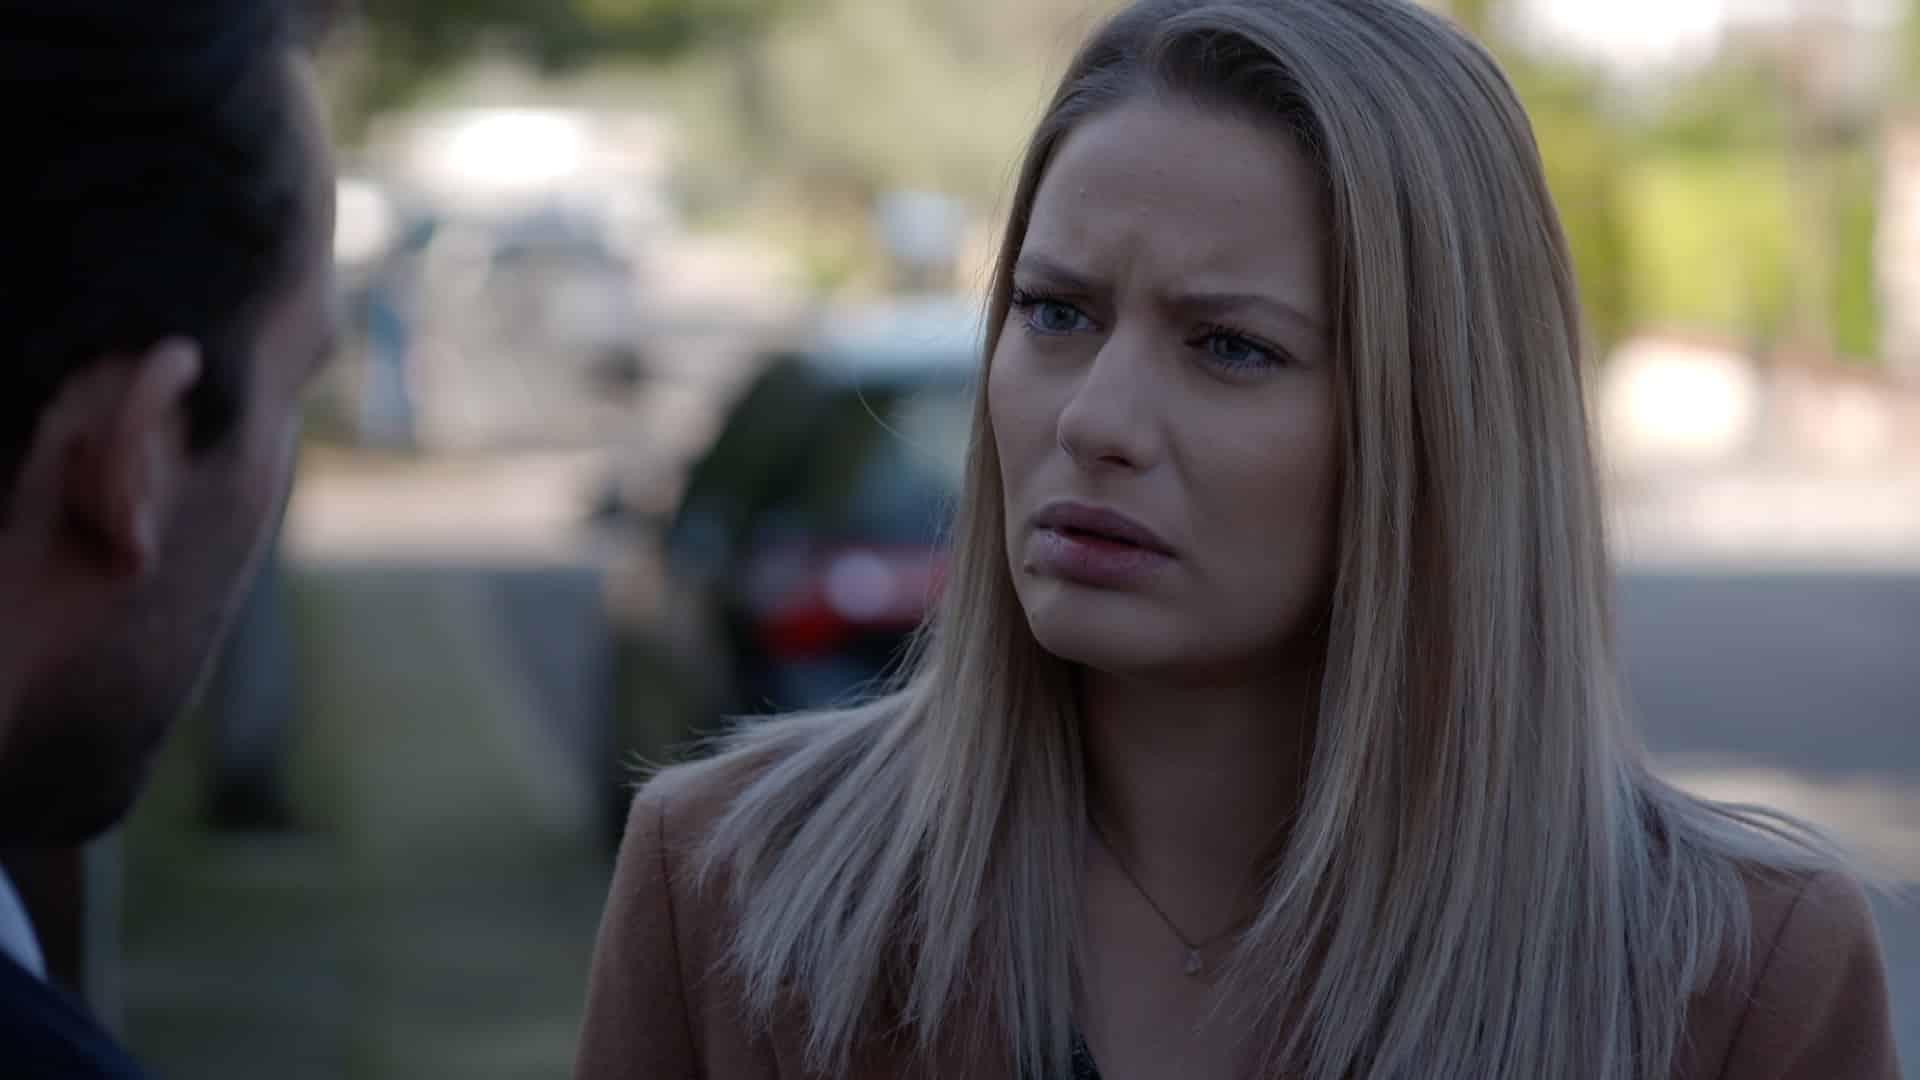 Ήλιος Σήμερα 24/02/21 Επεισόδιο 108 – Η Αλίκη διστάζει να πλησιάσει τη μητέρα της